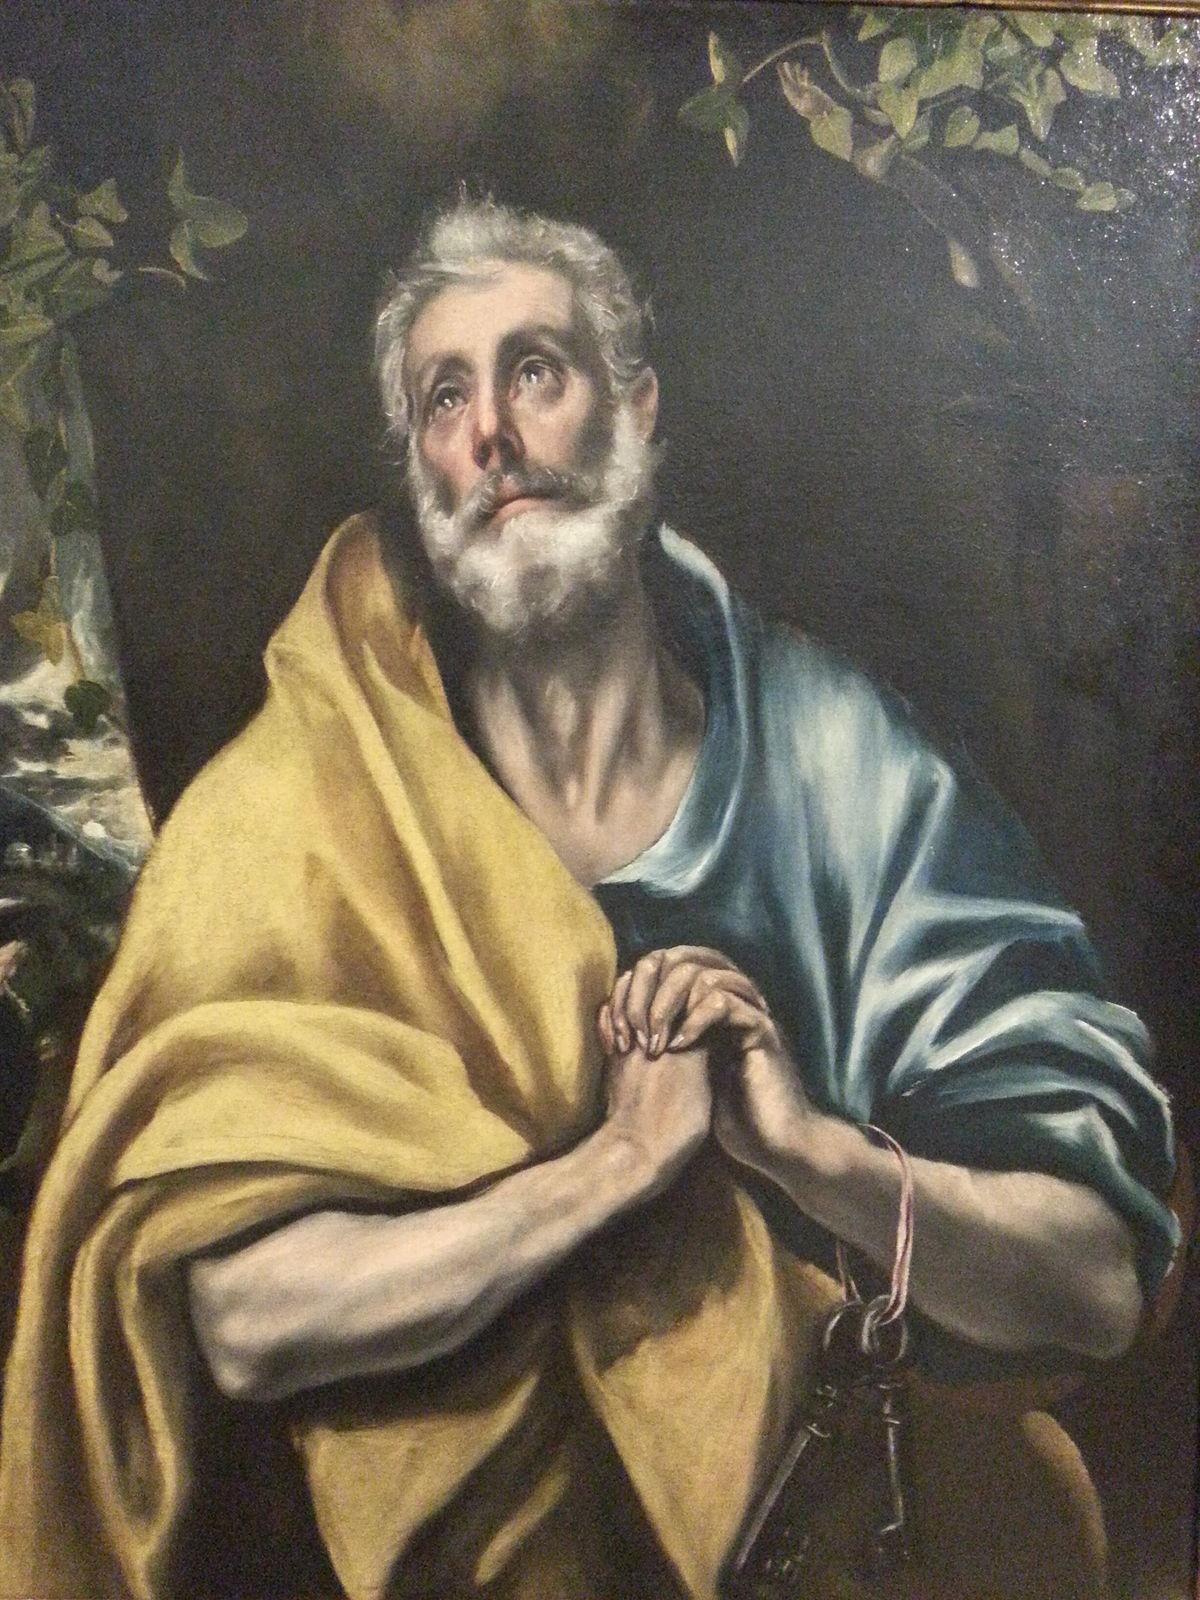 Las lágrimas de San Pedro (El Greco, Soumaya) - Wikipedia, la enciclopedia libre